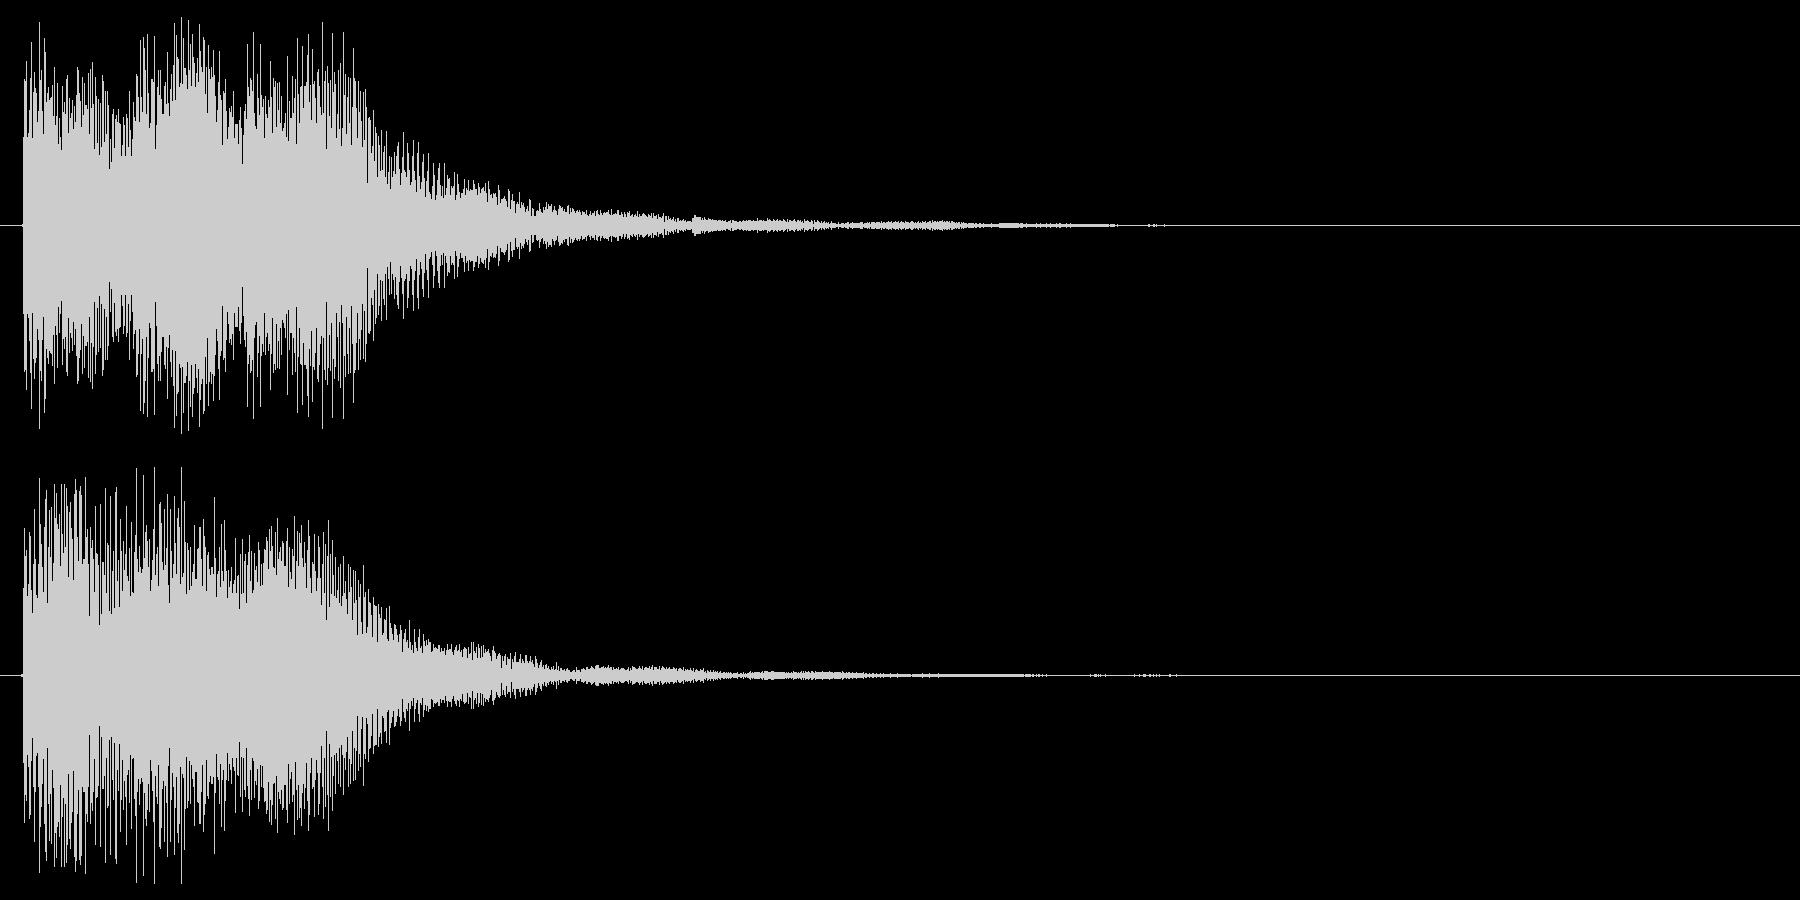 スタート音 決定音 選択音 クリック音の未再生の波形